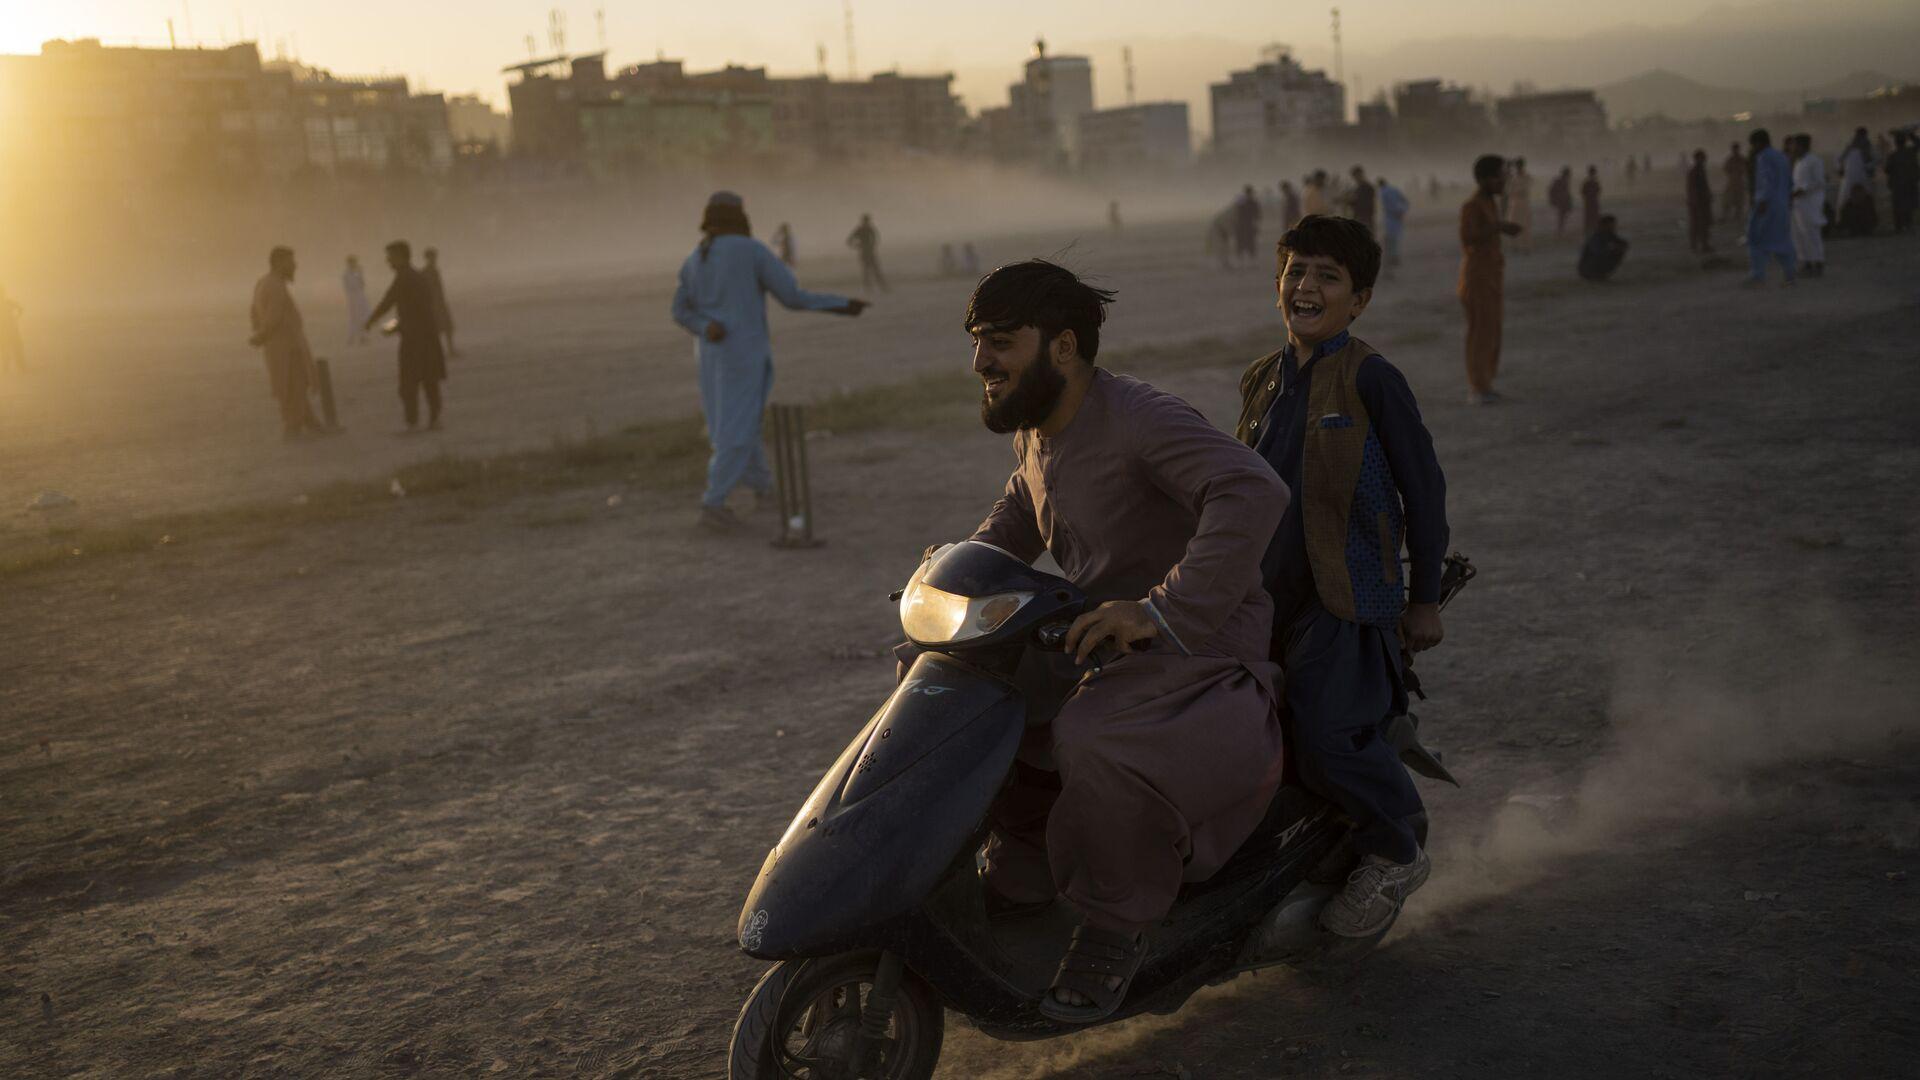 Афганцы катаются на скутере в парке Чаман-э-Хозари в Кабуле - Sputnik France, 1920, 25.09.2021